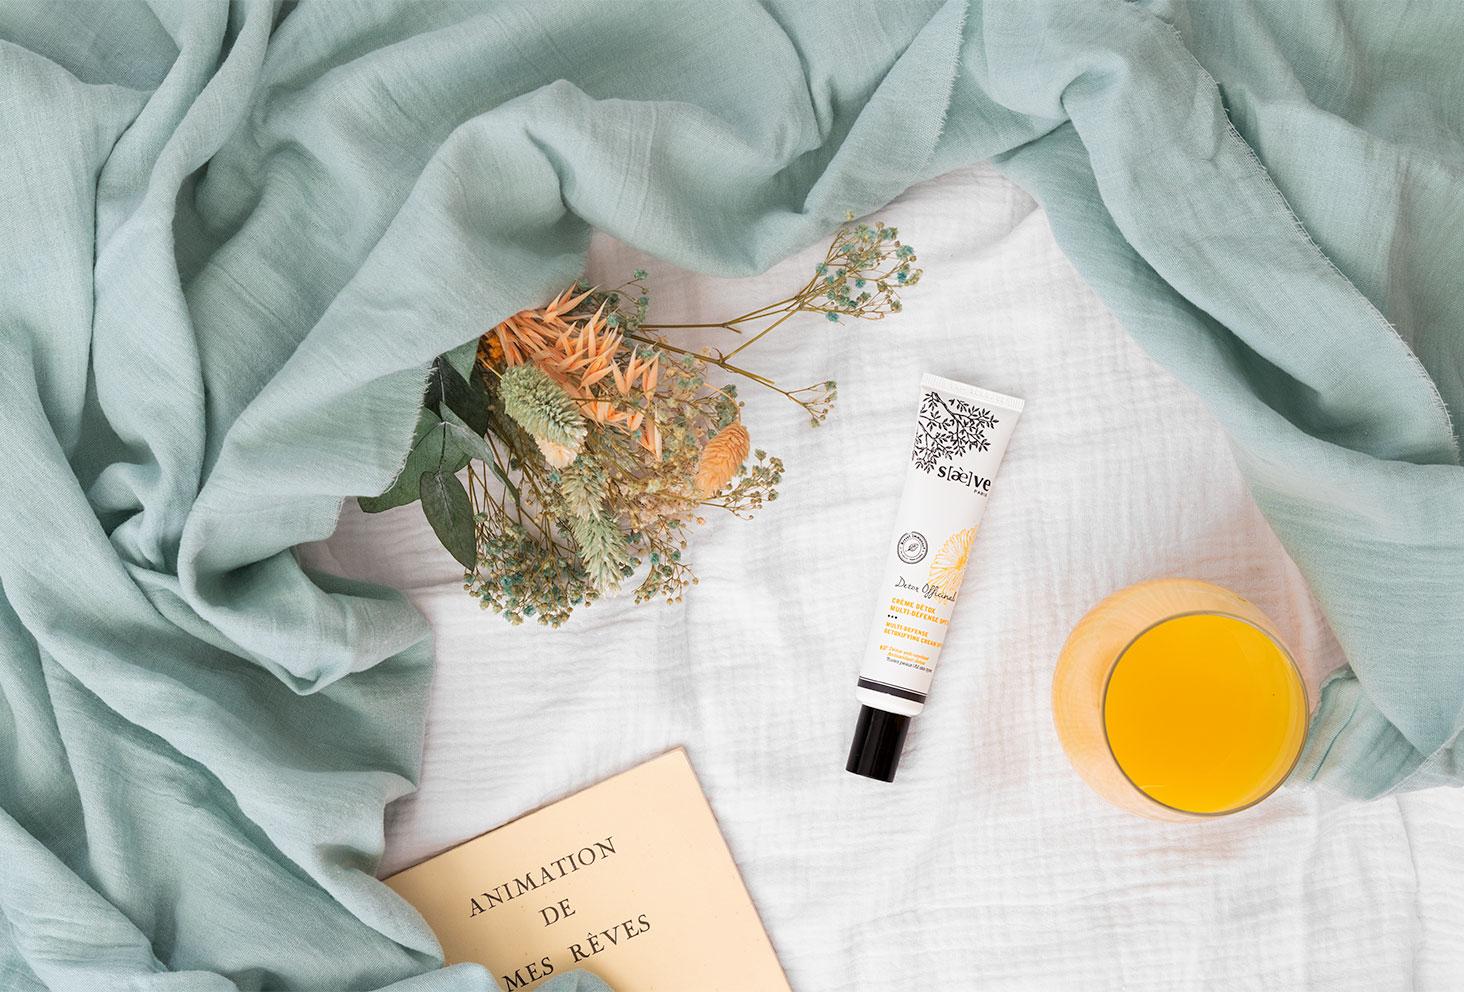 La crème SPF30 de Saeve posée sur un drap blanc avec un livre de poésie et un verre de jus d'orange pour l'été